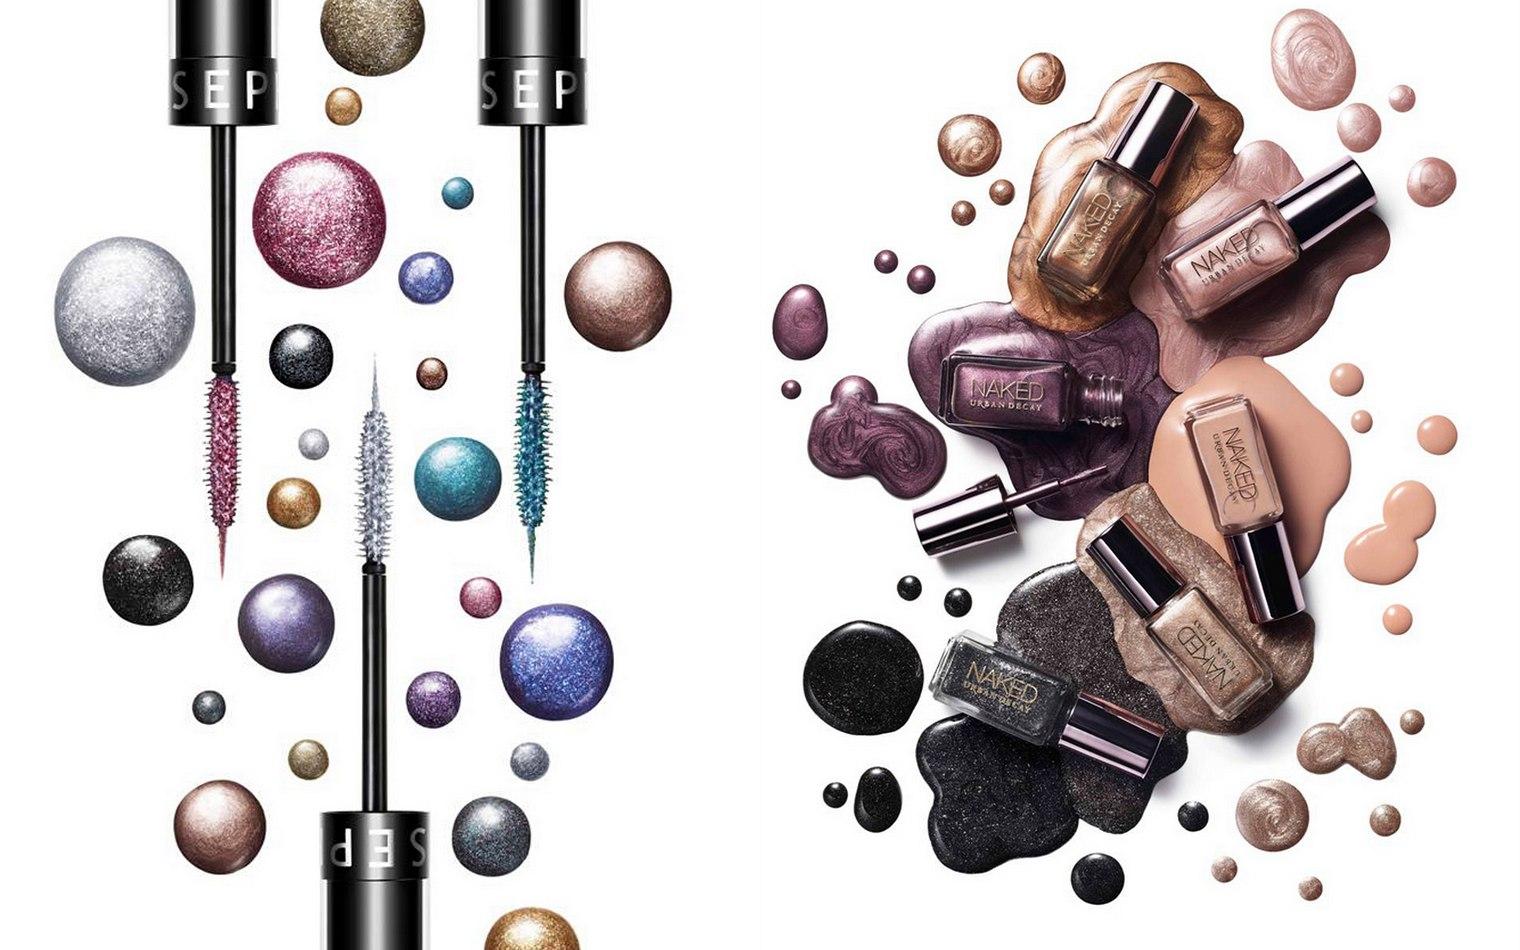 Makeup Smash Consumerist